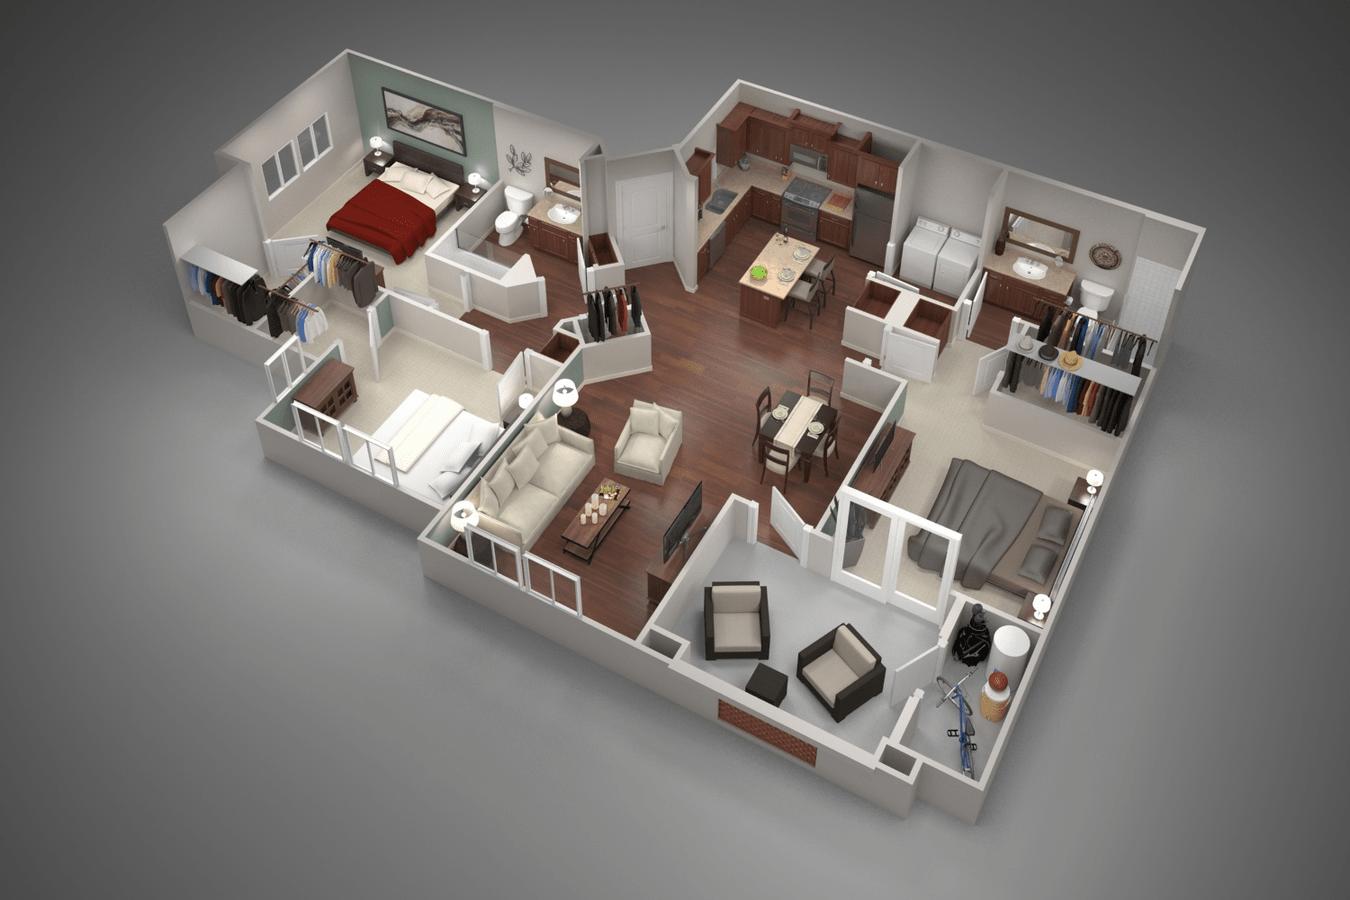 3 Bedrooms 2 Bathrooms Apartment for rent at San Capella in Tempe, AZ